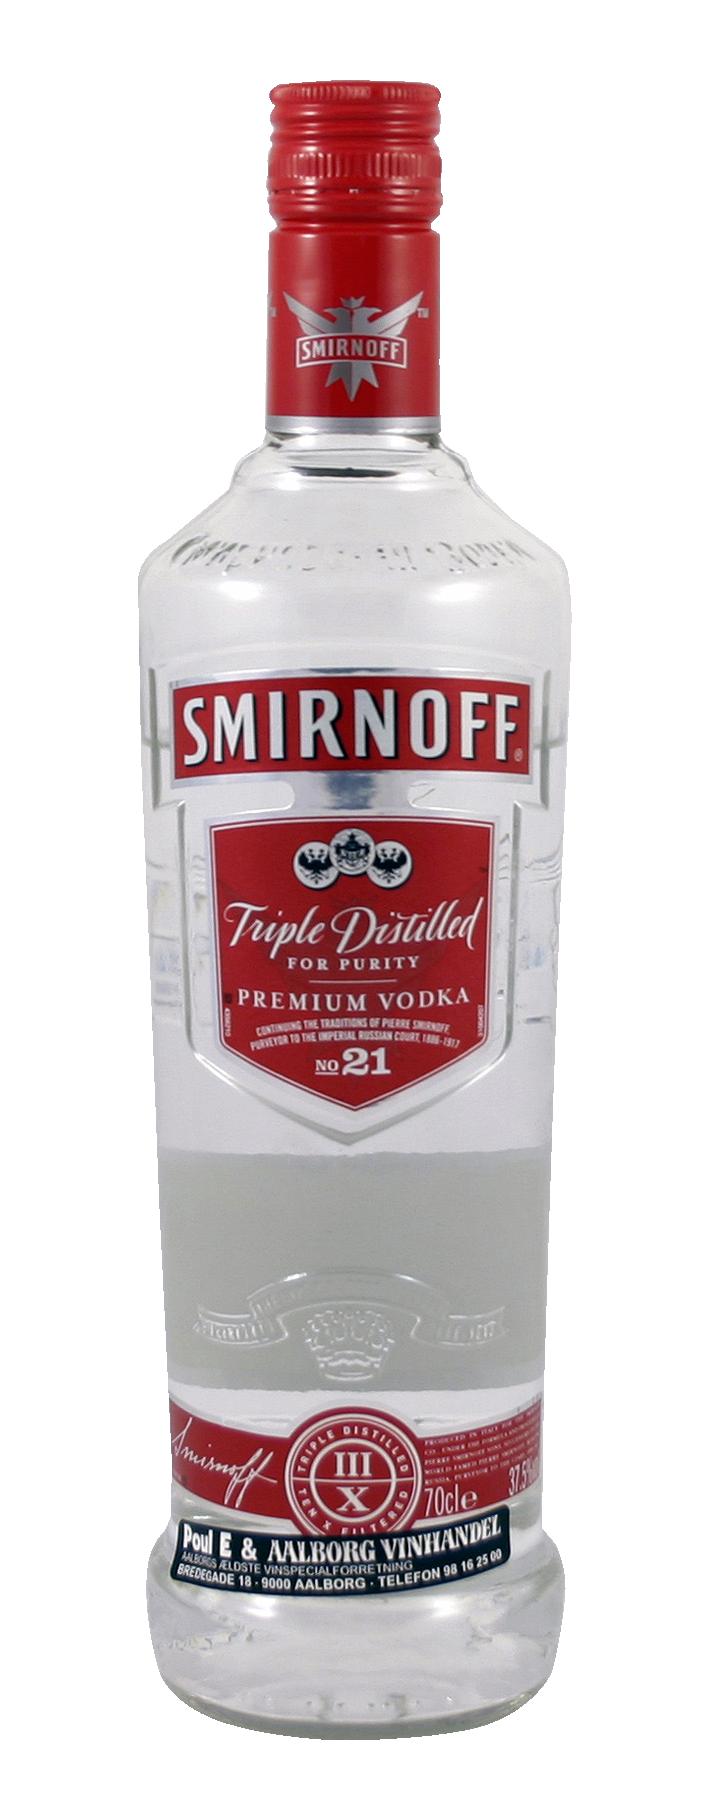 Vodka Png Image Vodka Premium Vodka Smirnoff Vodka